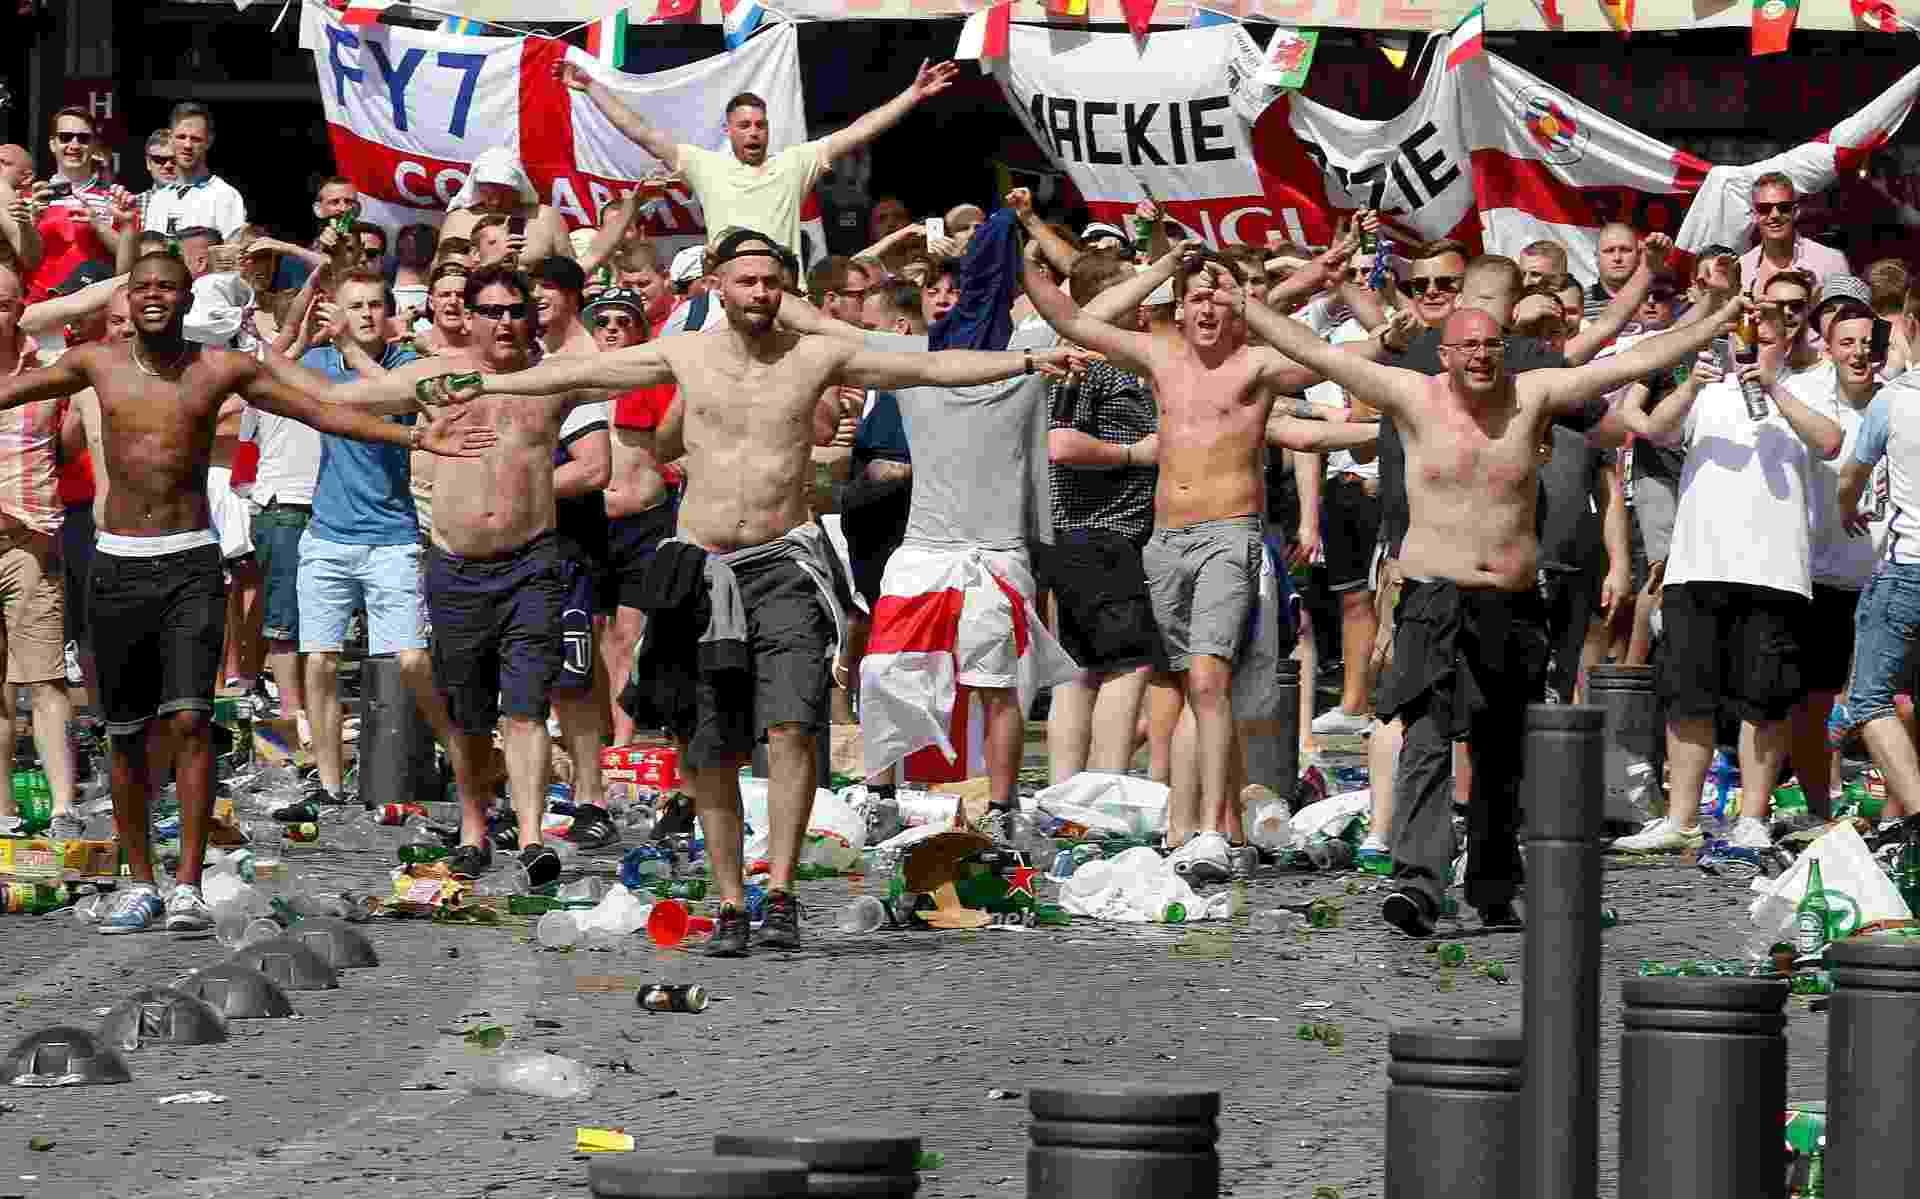 Torcedores vandalizam área próxima a estádio em Marselha, na França, pouco antes do duelo da Inglaterra contra a Rússia - JEAN-PAUL PELISSIER